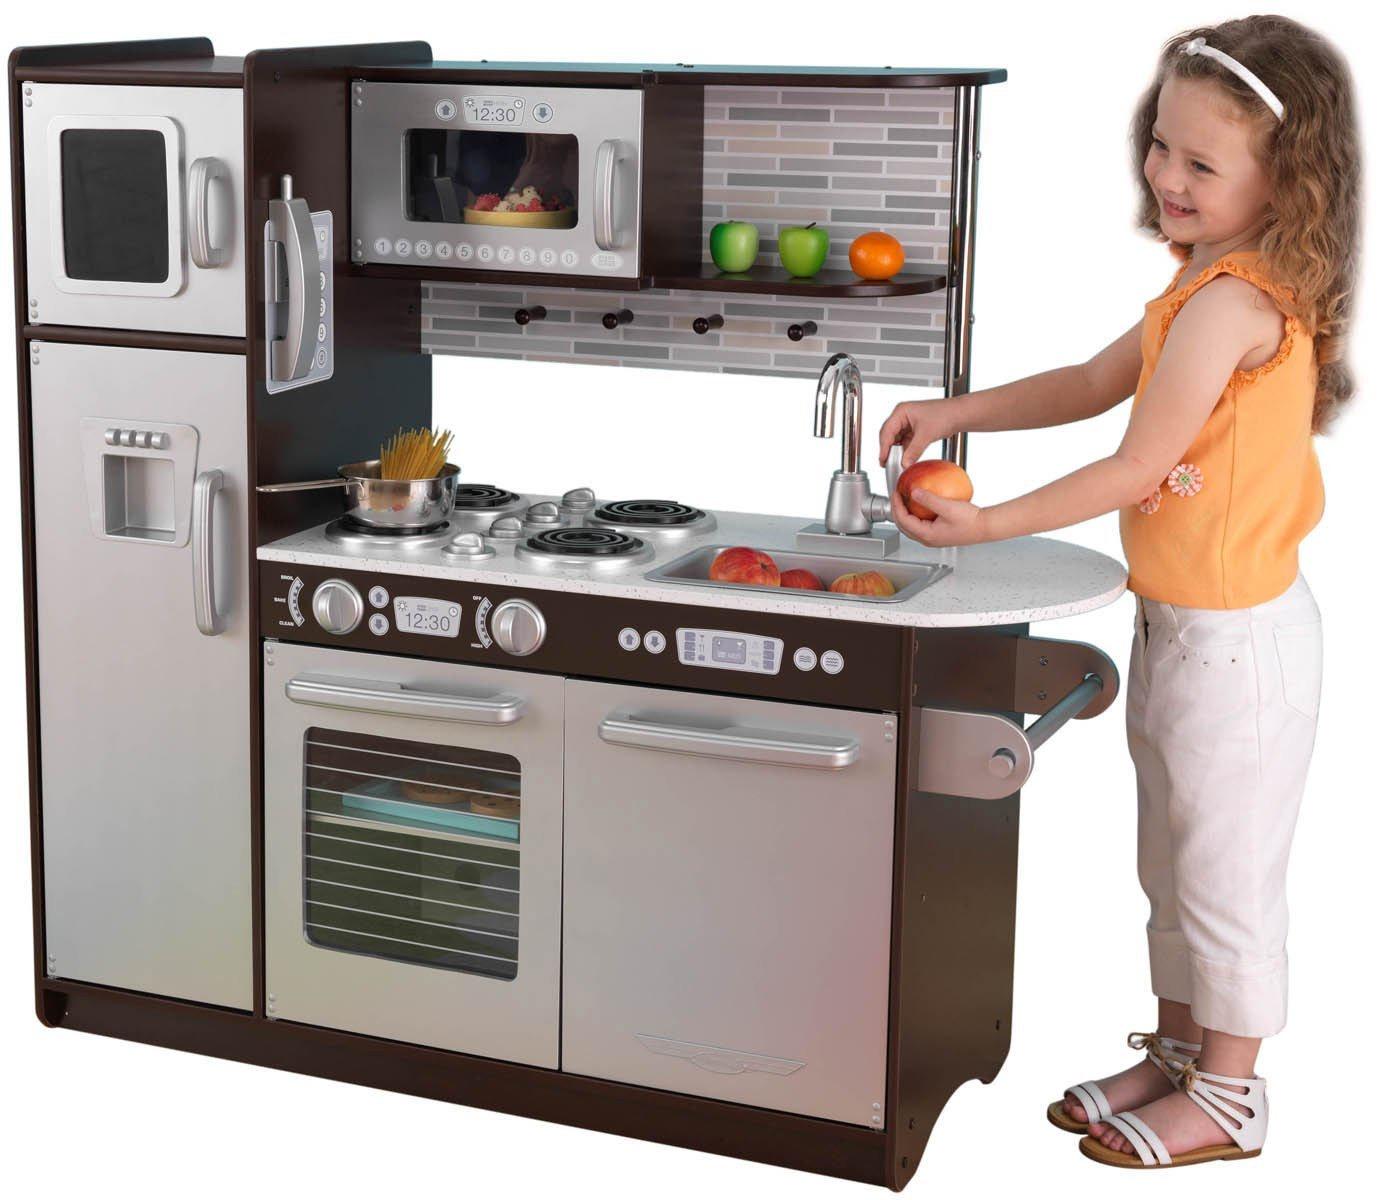 Фото - Деревянная кухня для мальчиков и девочек Эспрессо (Uptown Espresso Kitchen) детская кухня kidkraft деревянная кухня для мальчиков и девочек аптаун uptown white kitchen [53364 ke]